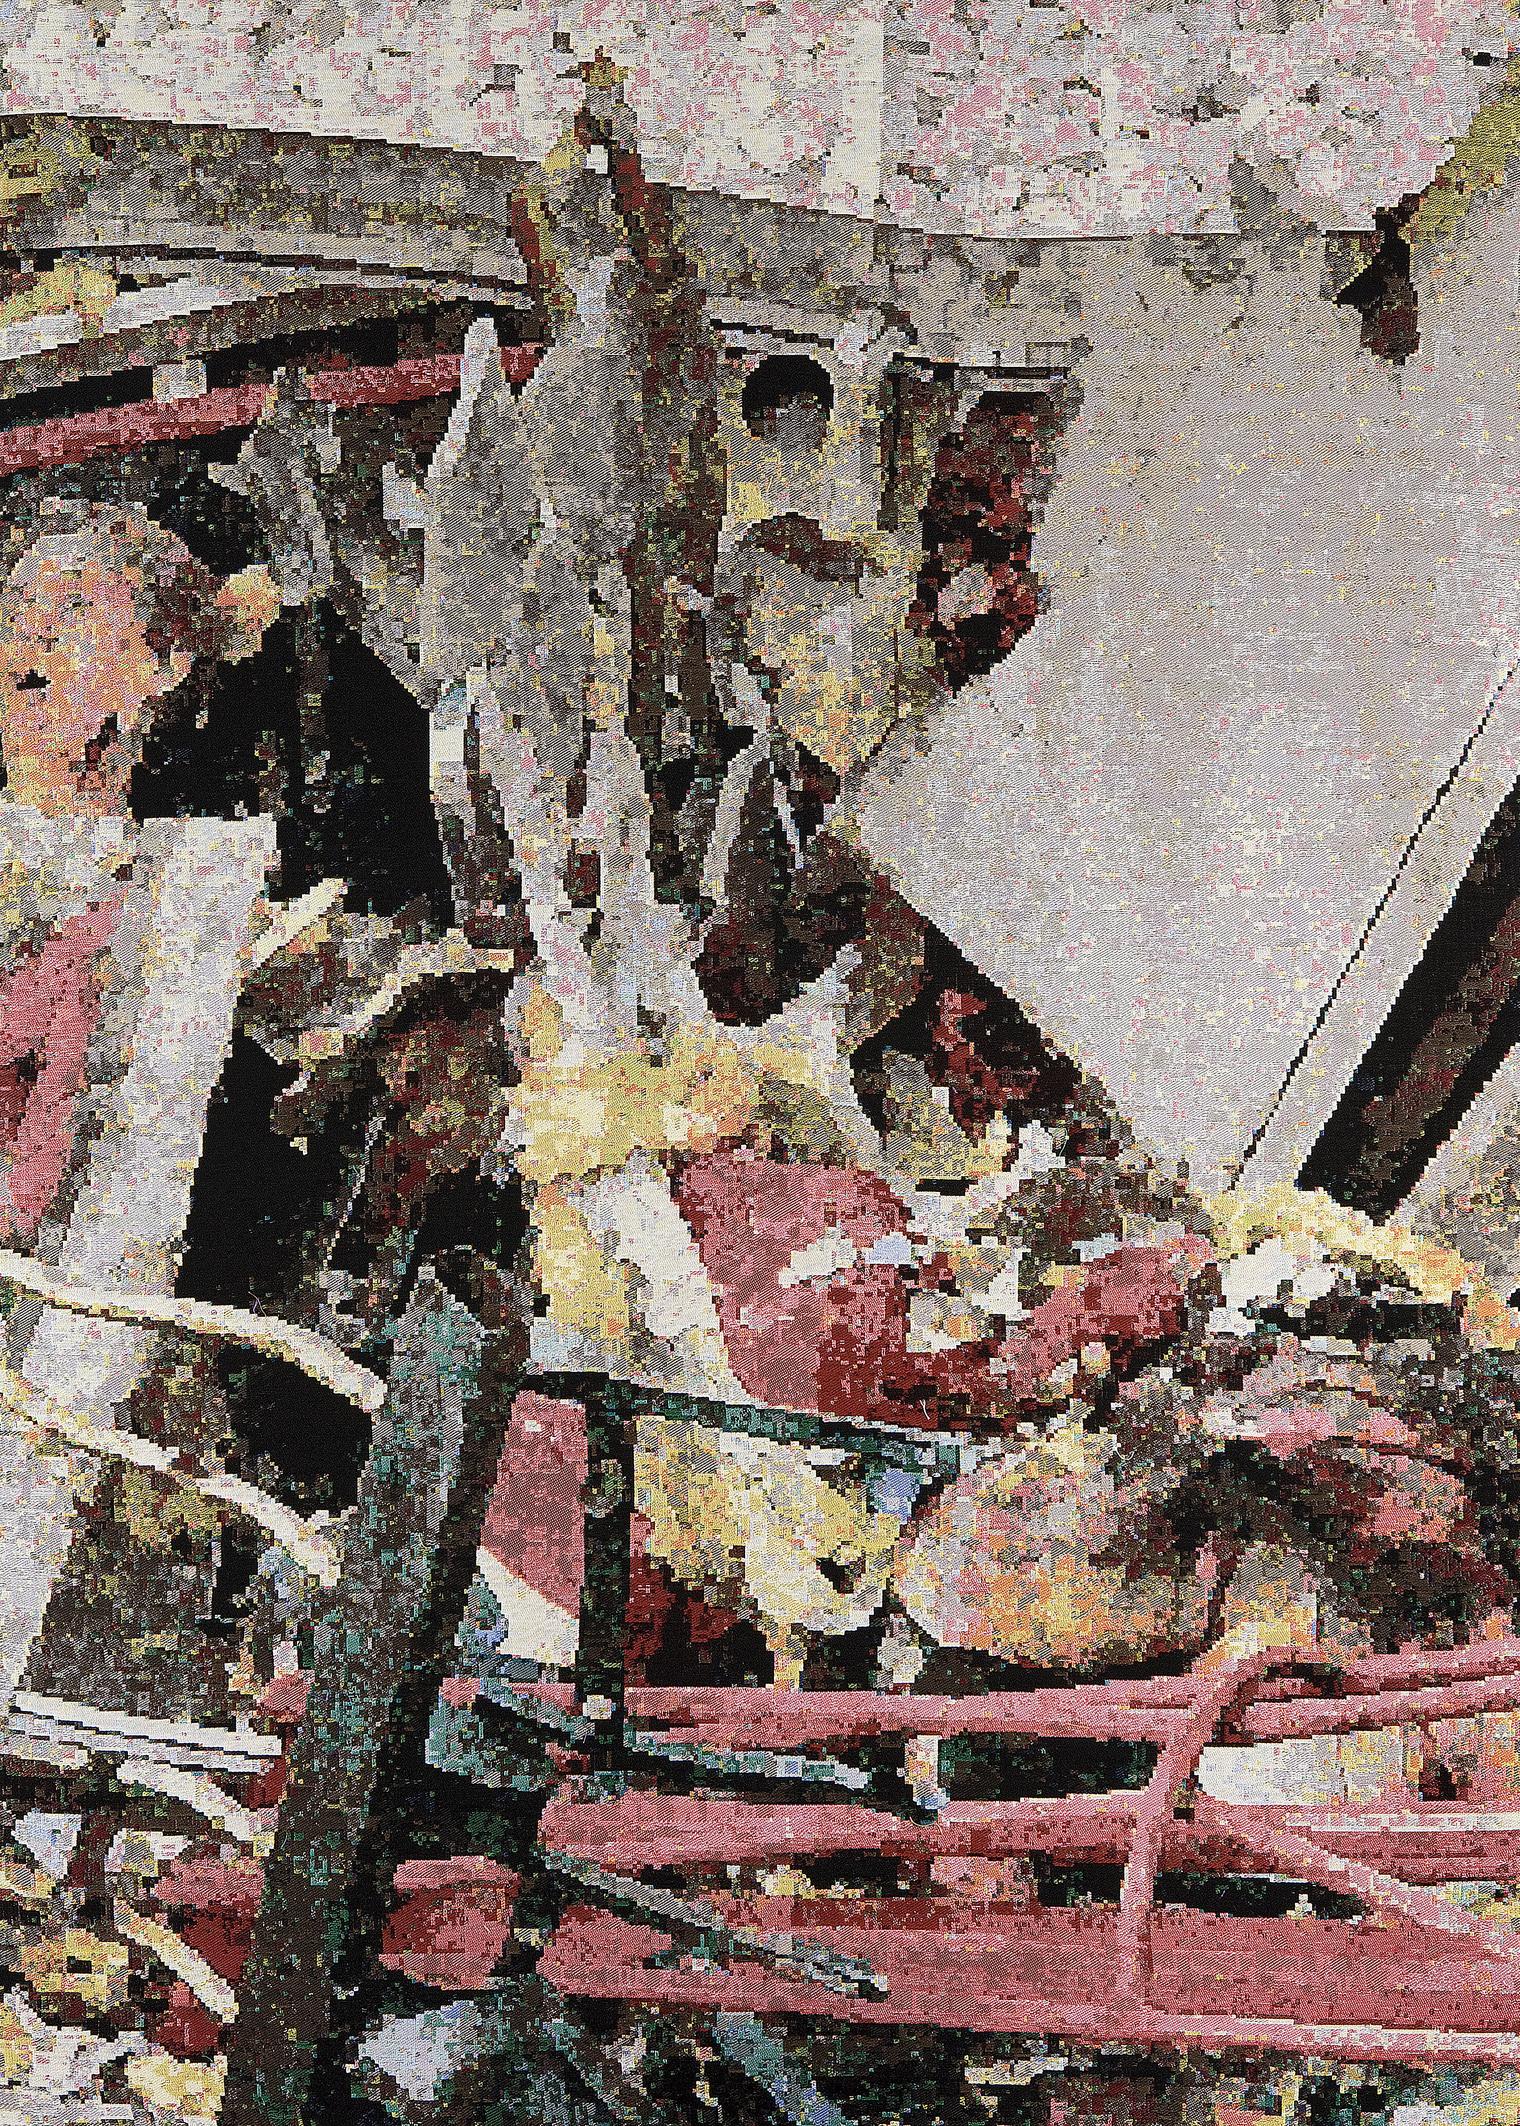 Faith 2009: Madrid, Jacquard woven, 206 x 149 cm